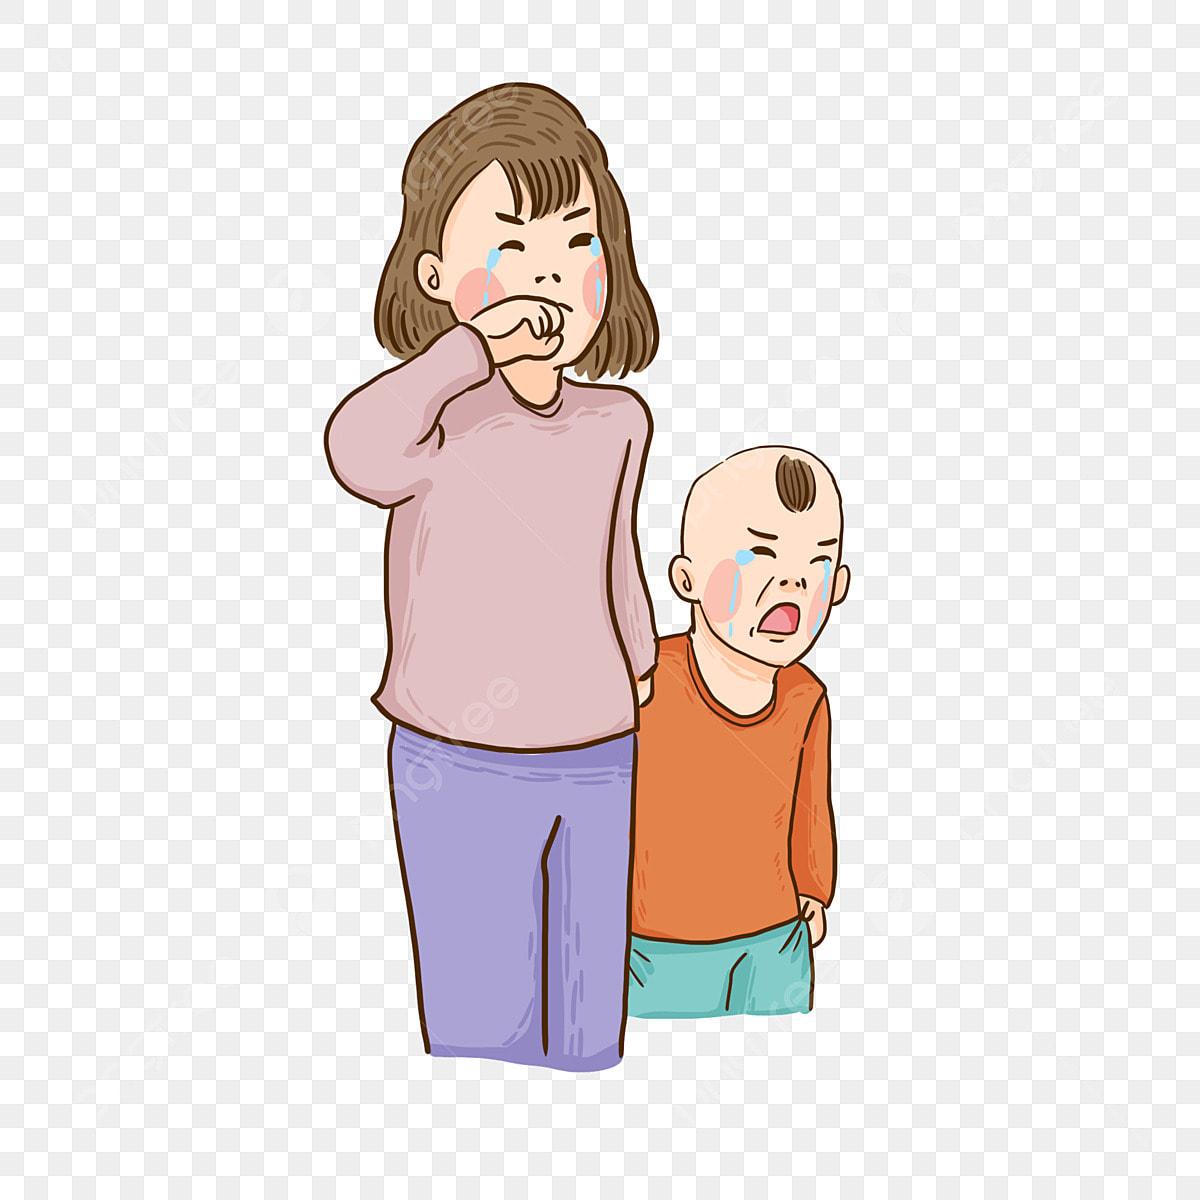 Gambar Sedih Menangis Elemen Kartun Ibu Dan Kanak Kanak Menangis Sedih Ibu Png Dan Psd Untuk Muat Turun Percuma